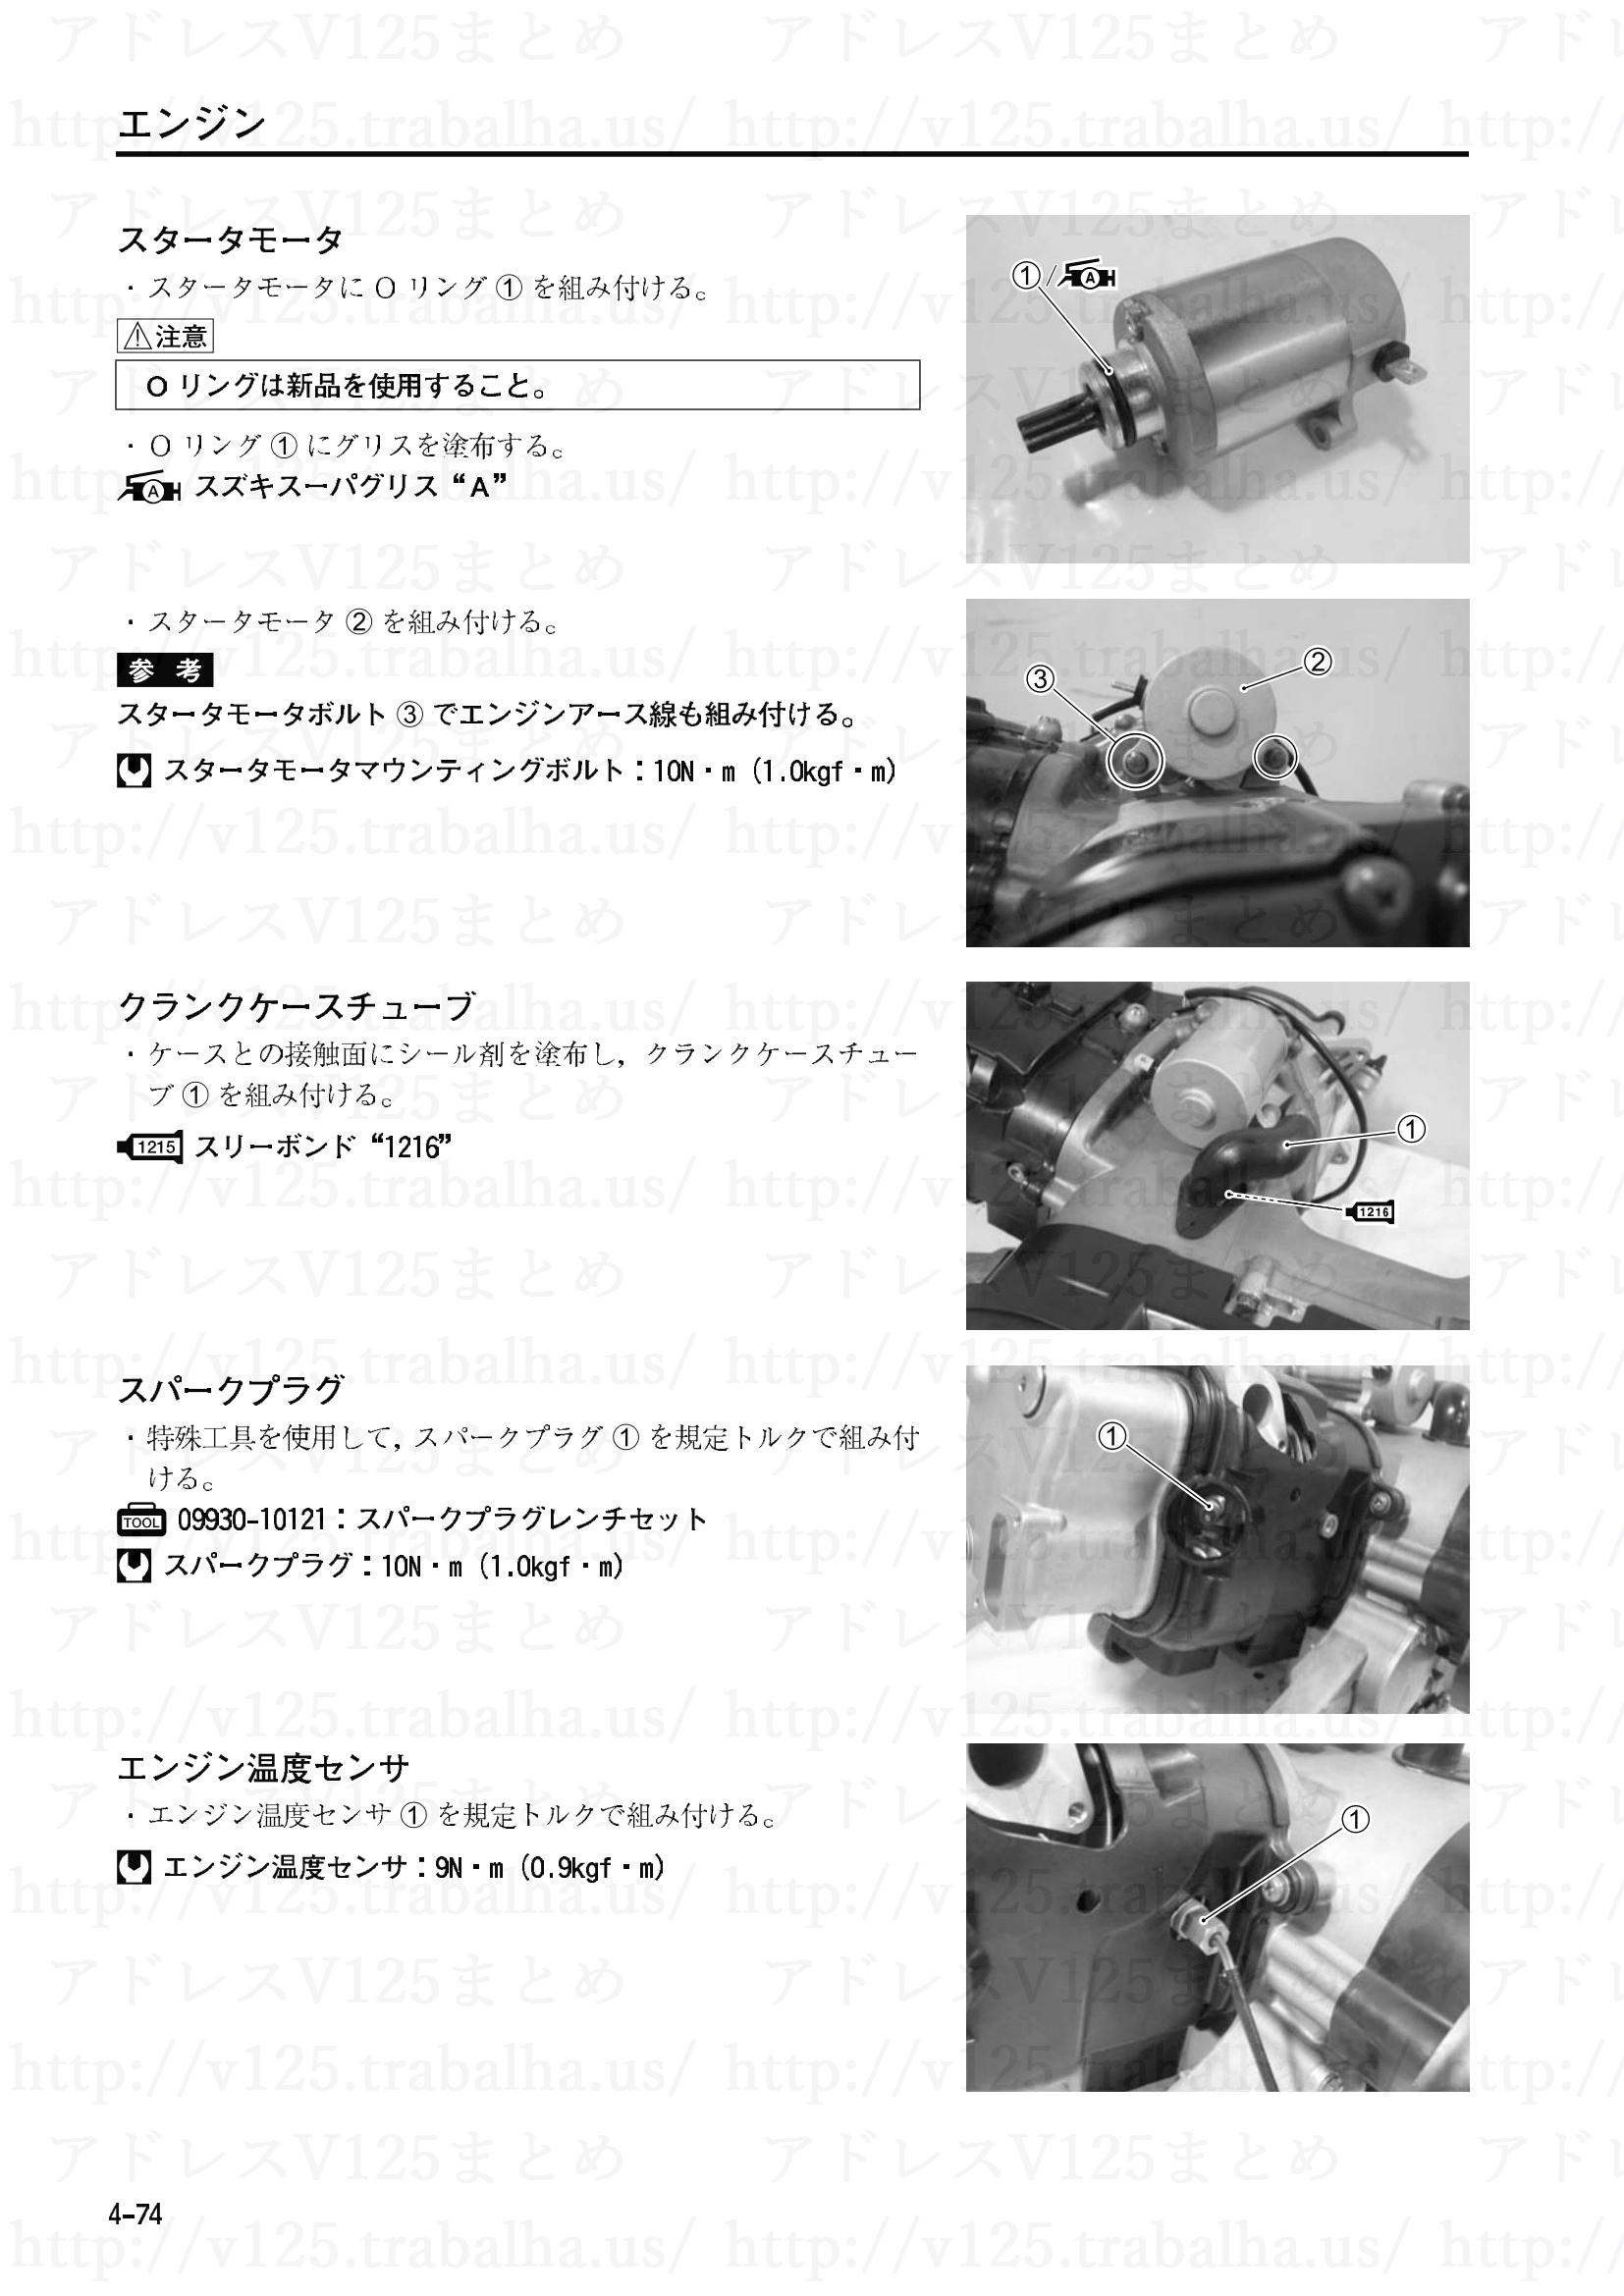 4-74【エンジン】エンジンの組立て18